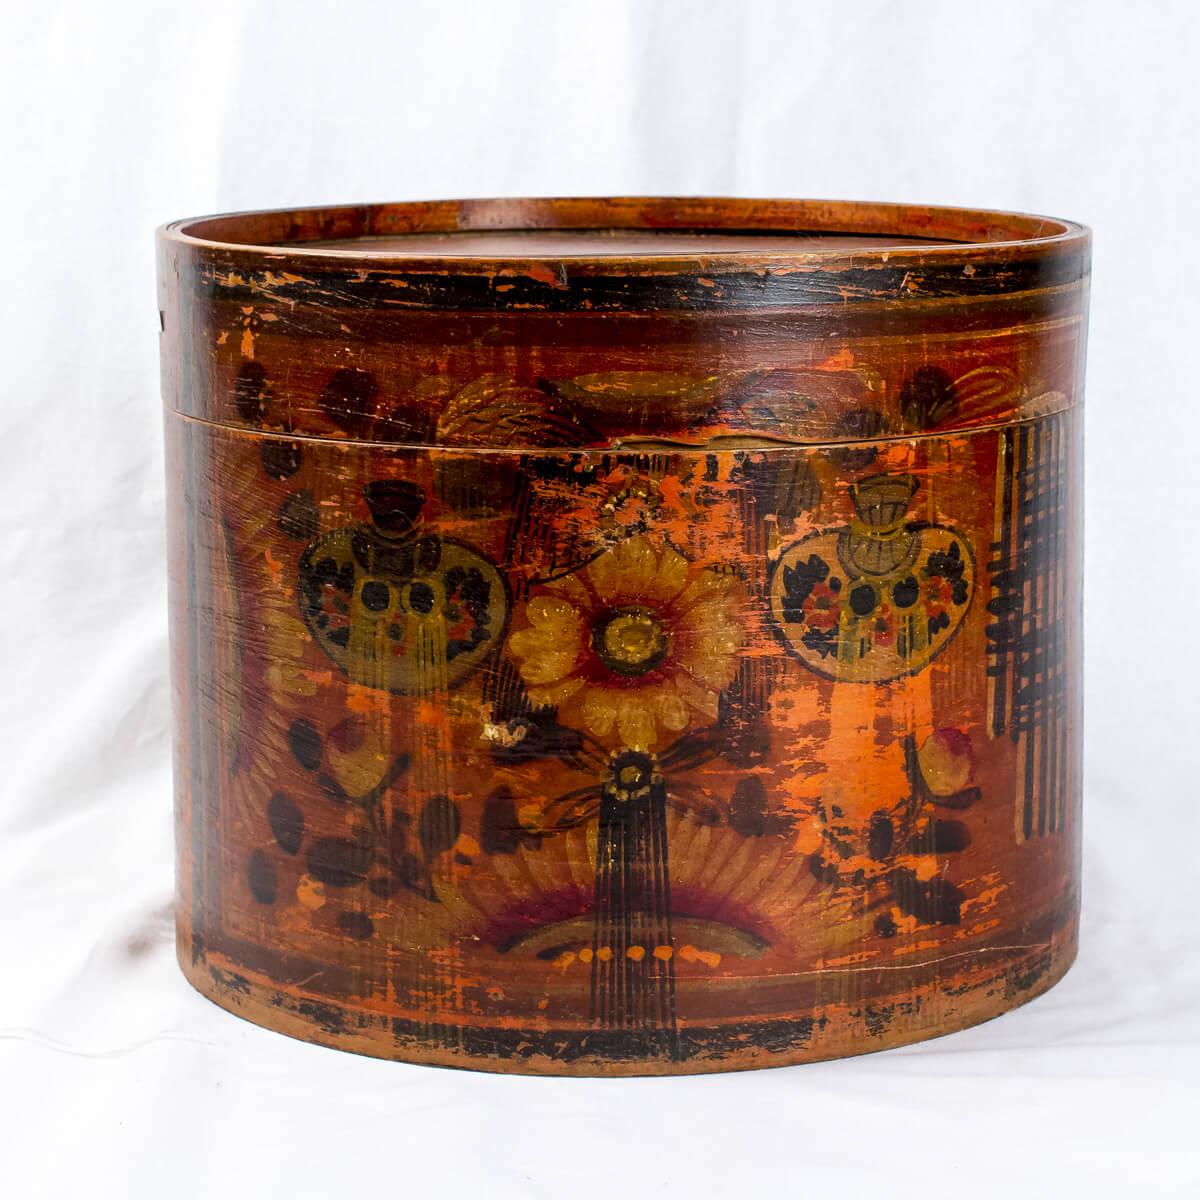 Cappelliera in legno decorata